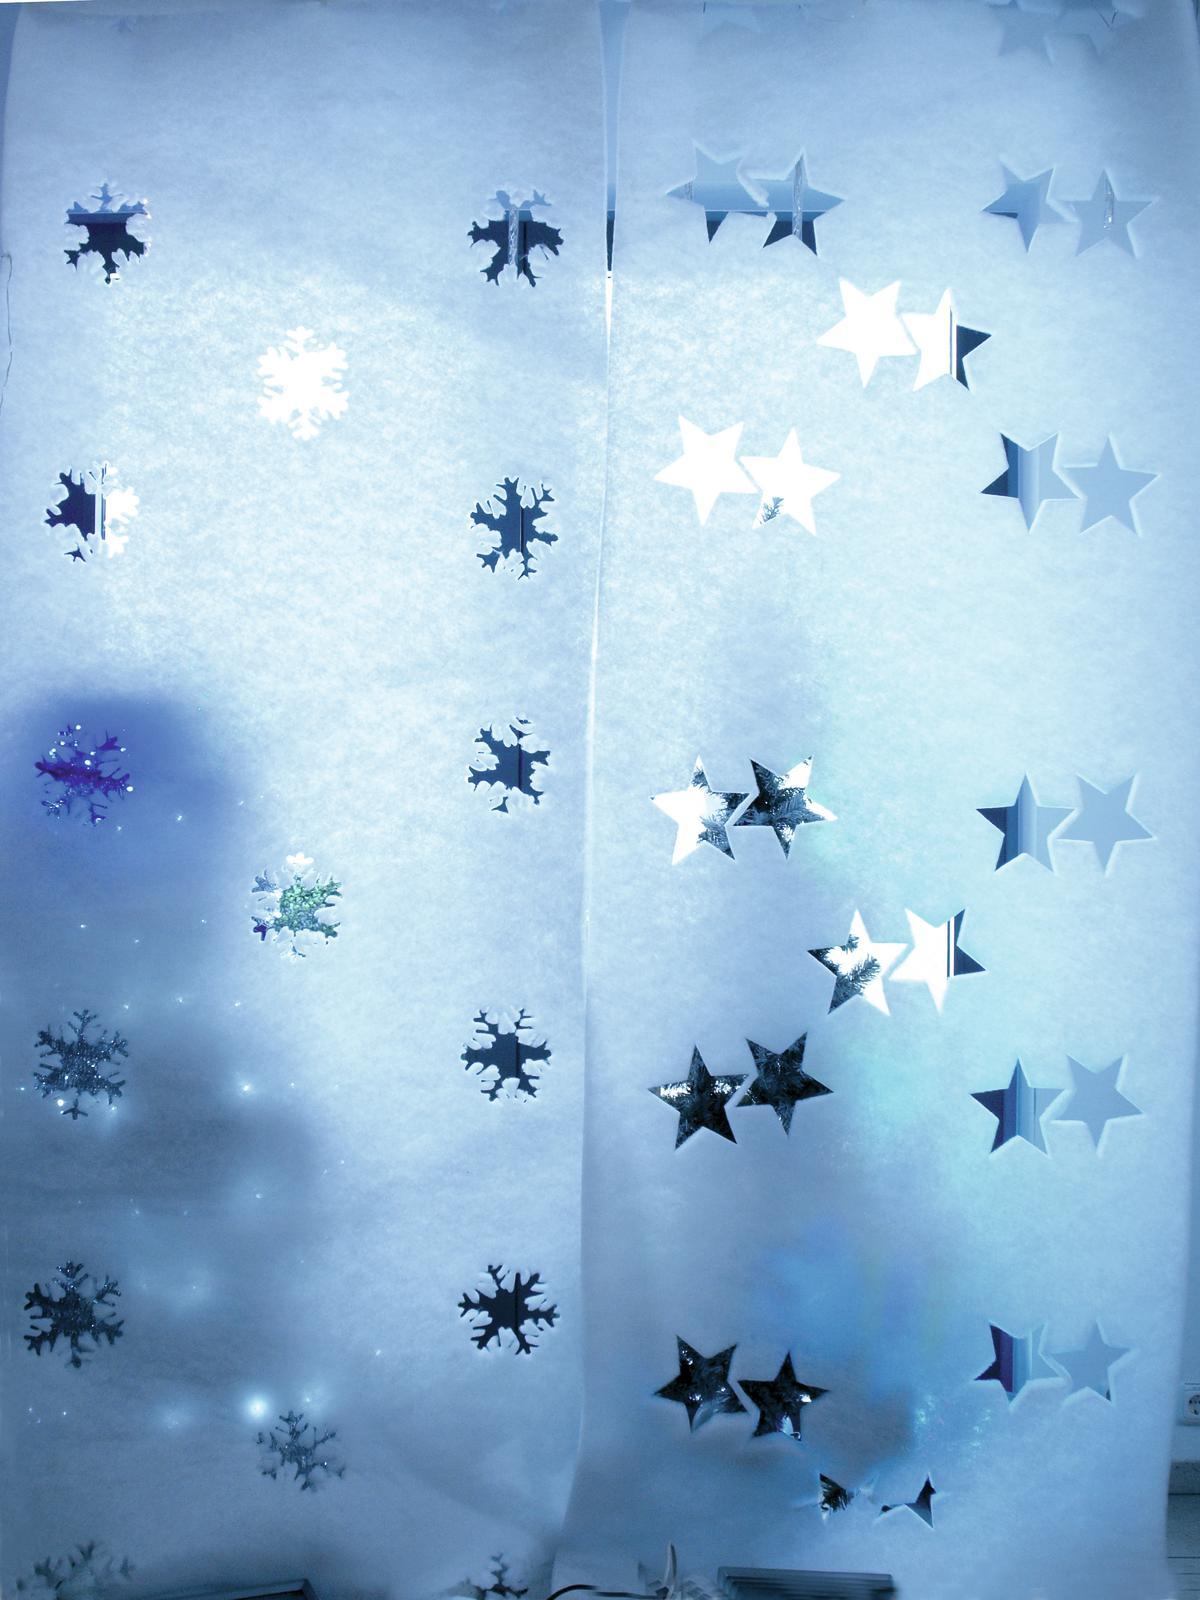 Banner panno per decorazioni addobbi natalizi fiocchi di neve 100 x 350cm